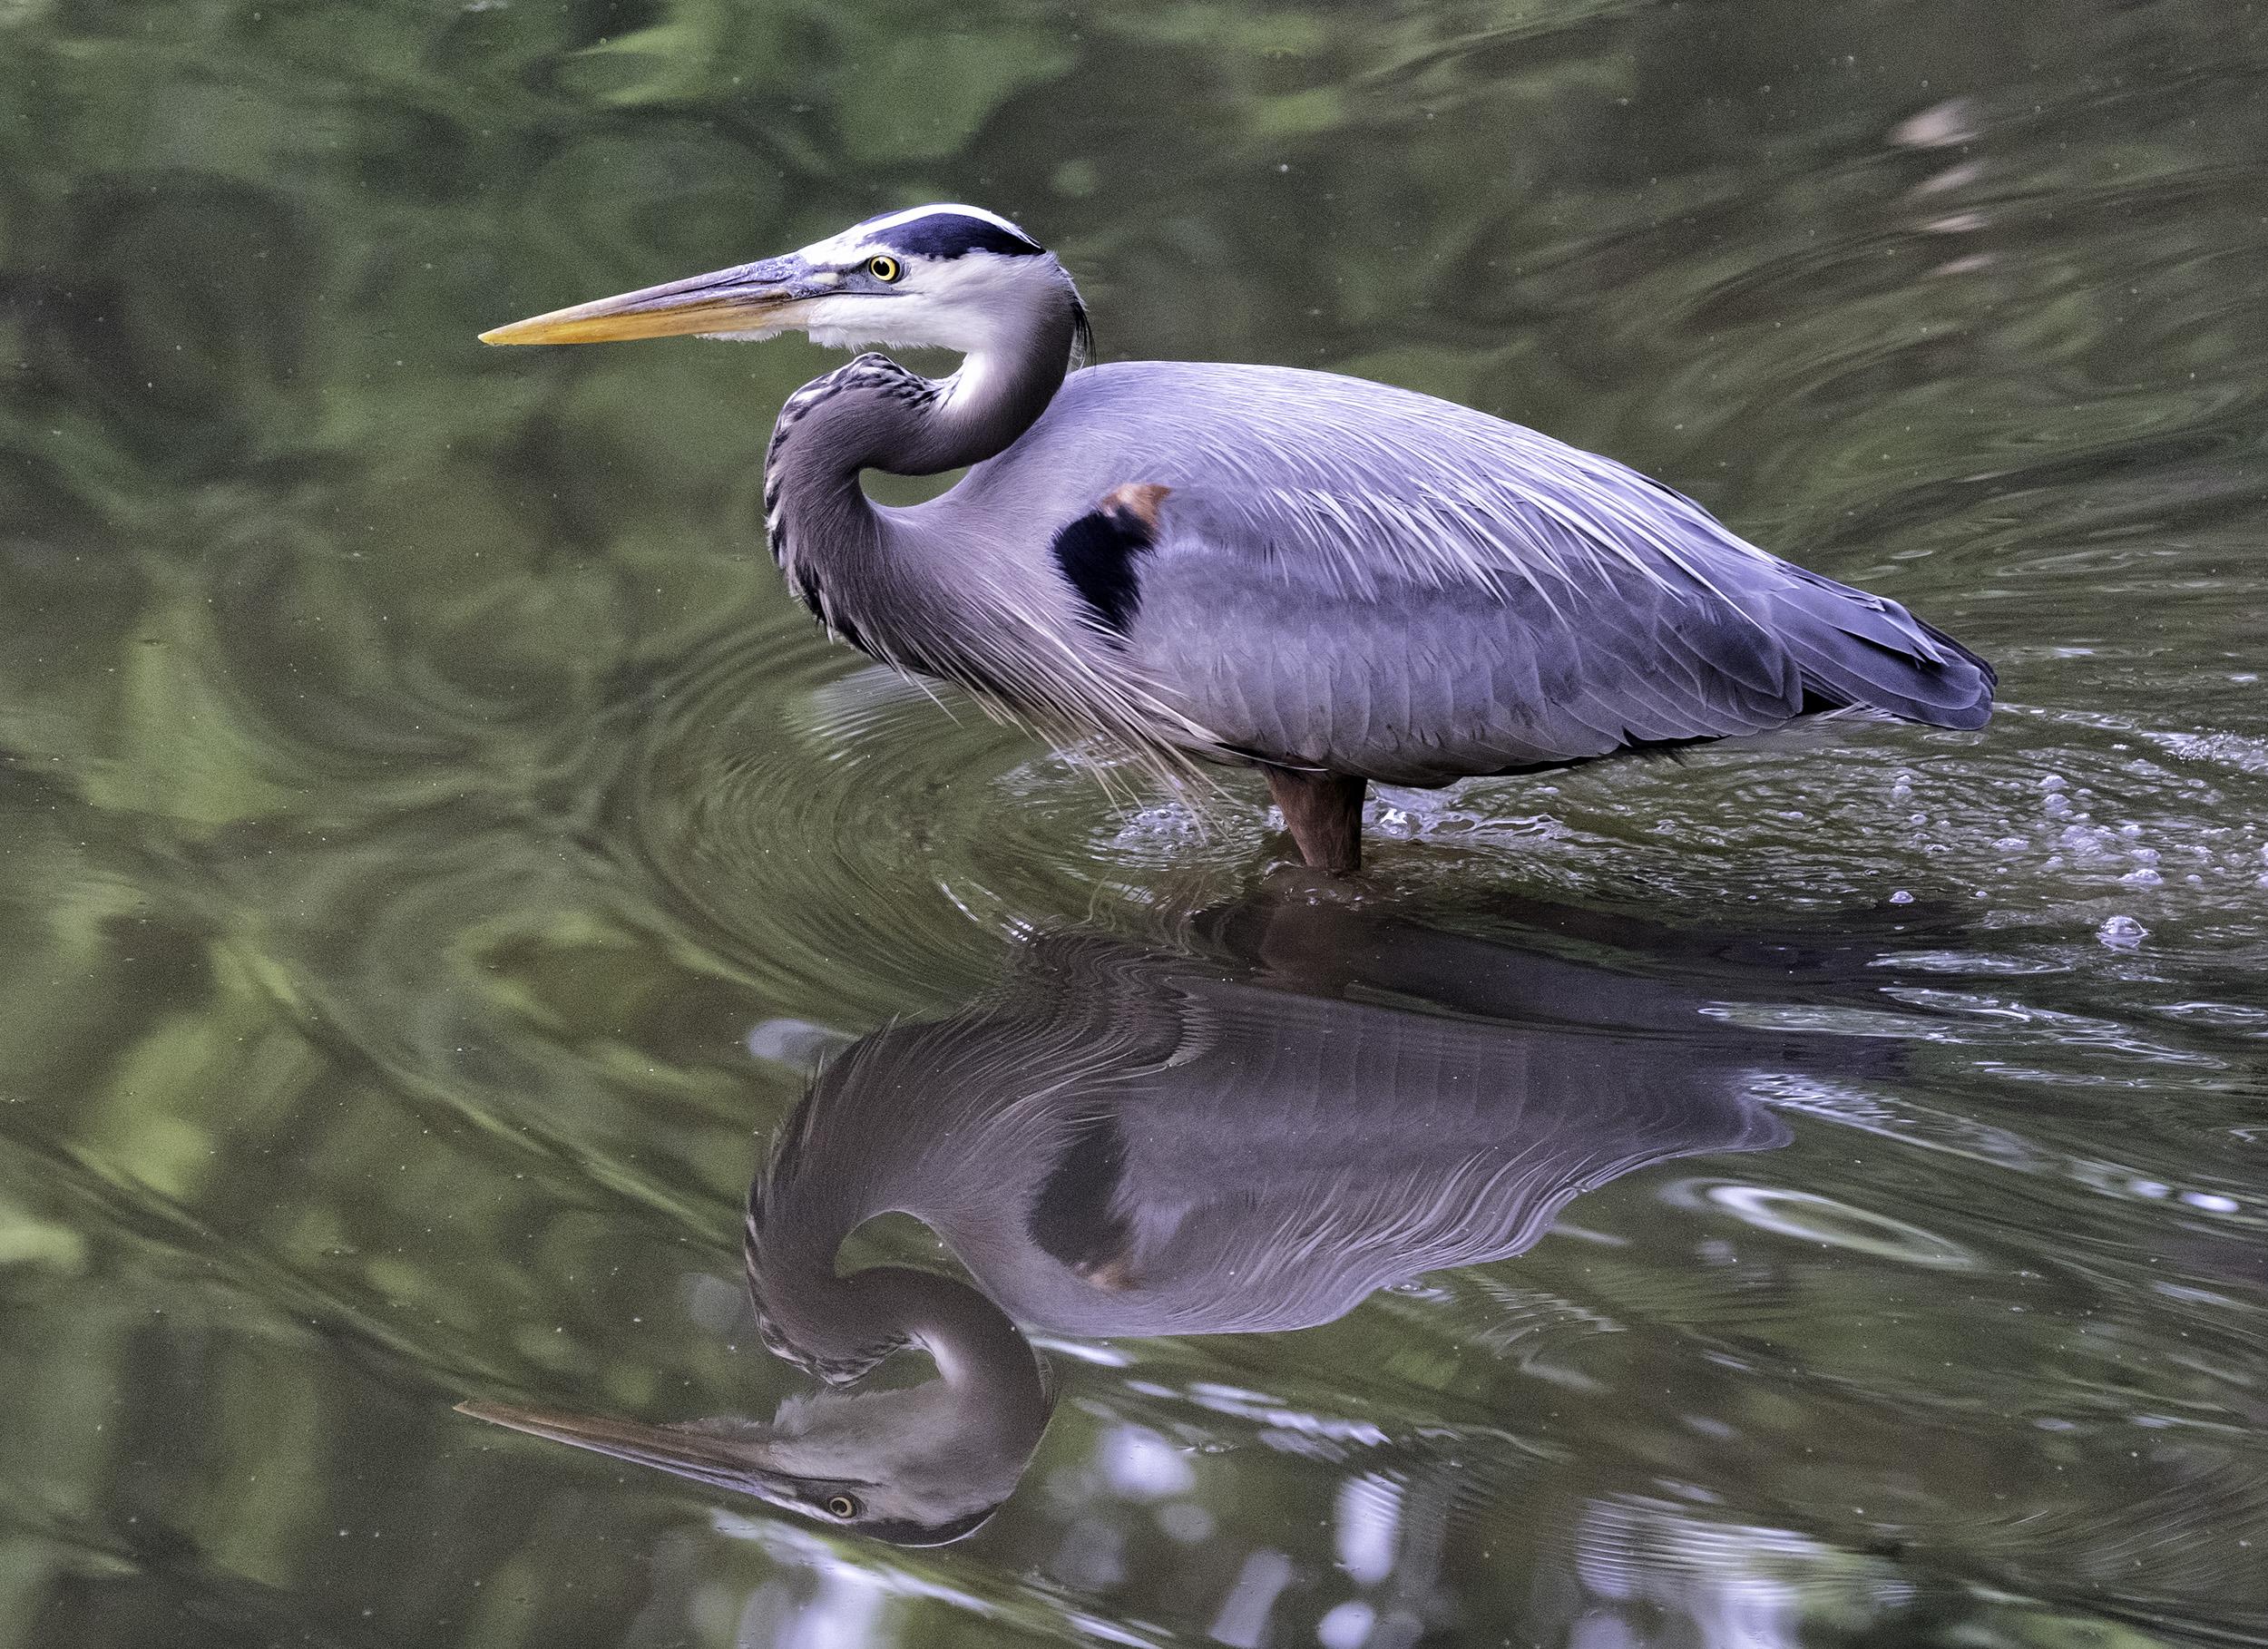 190508 XT2 Canal Birds  016-1.jpg